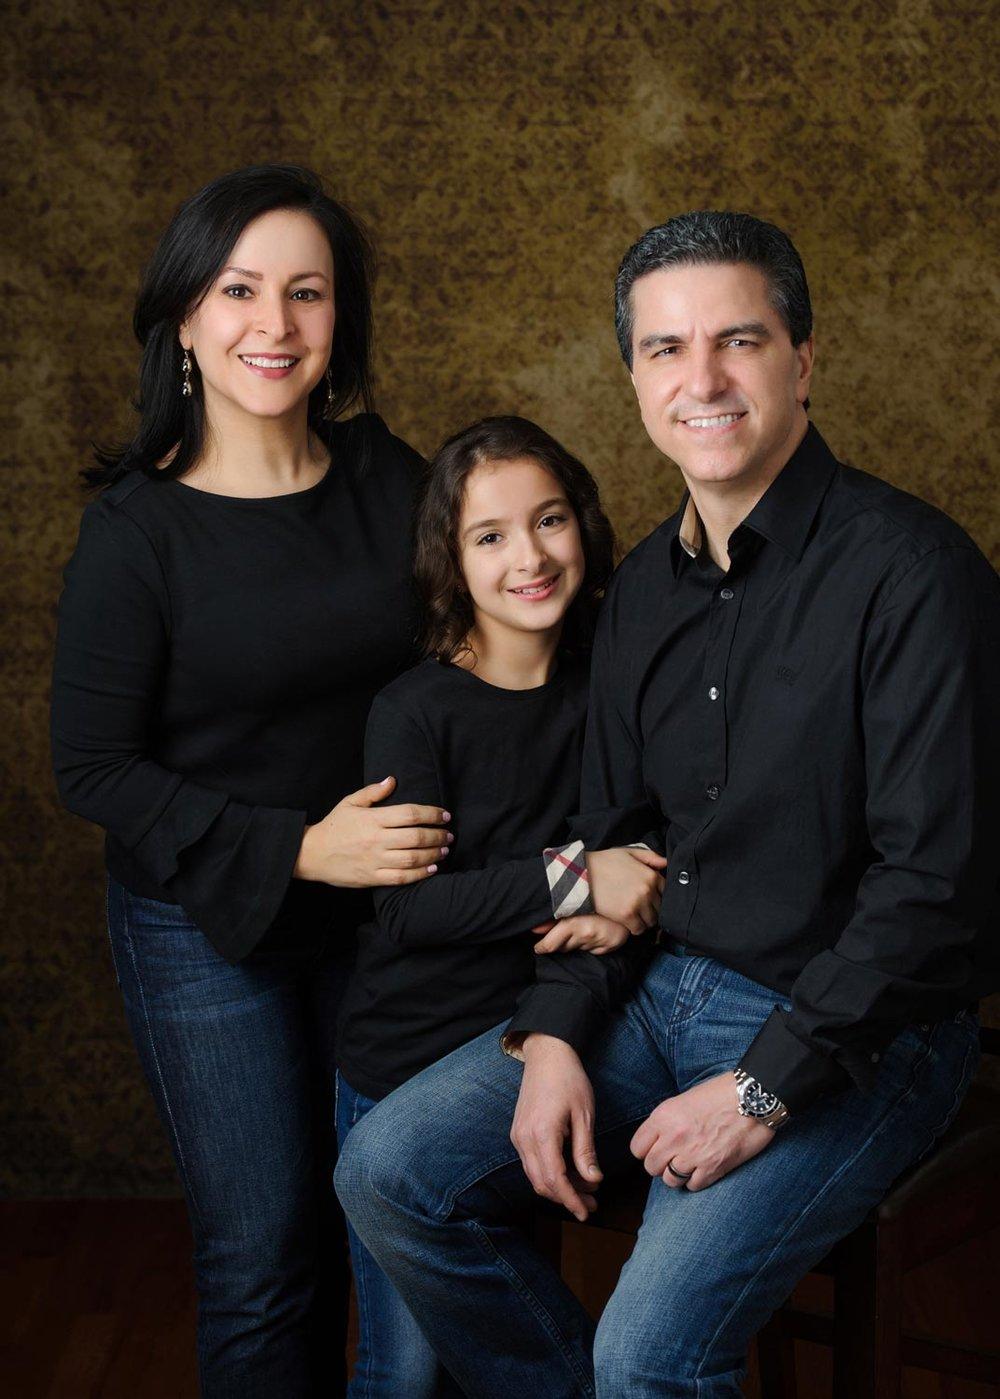 family_photography_by_Scott_Walz_studio_walz_Lexington_Ky059.jpg